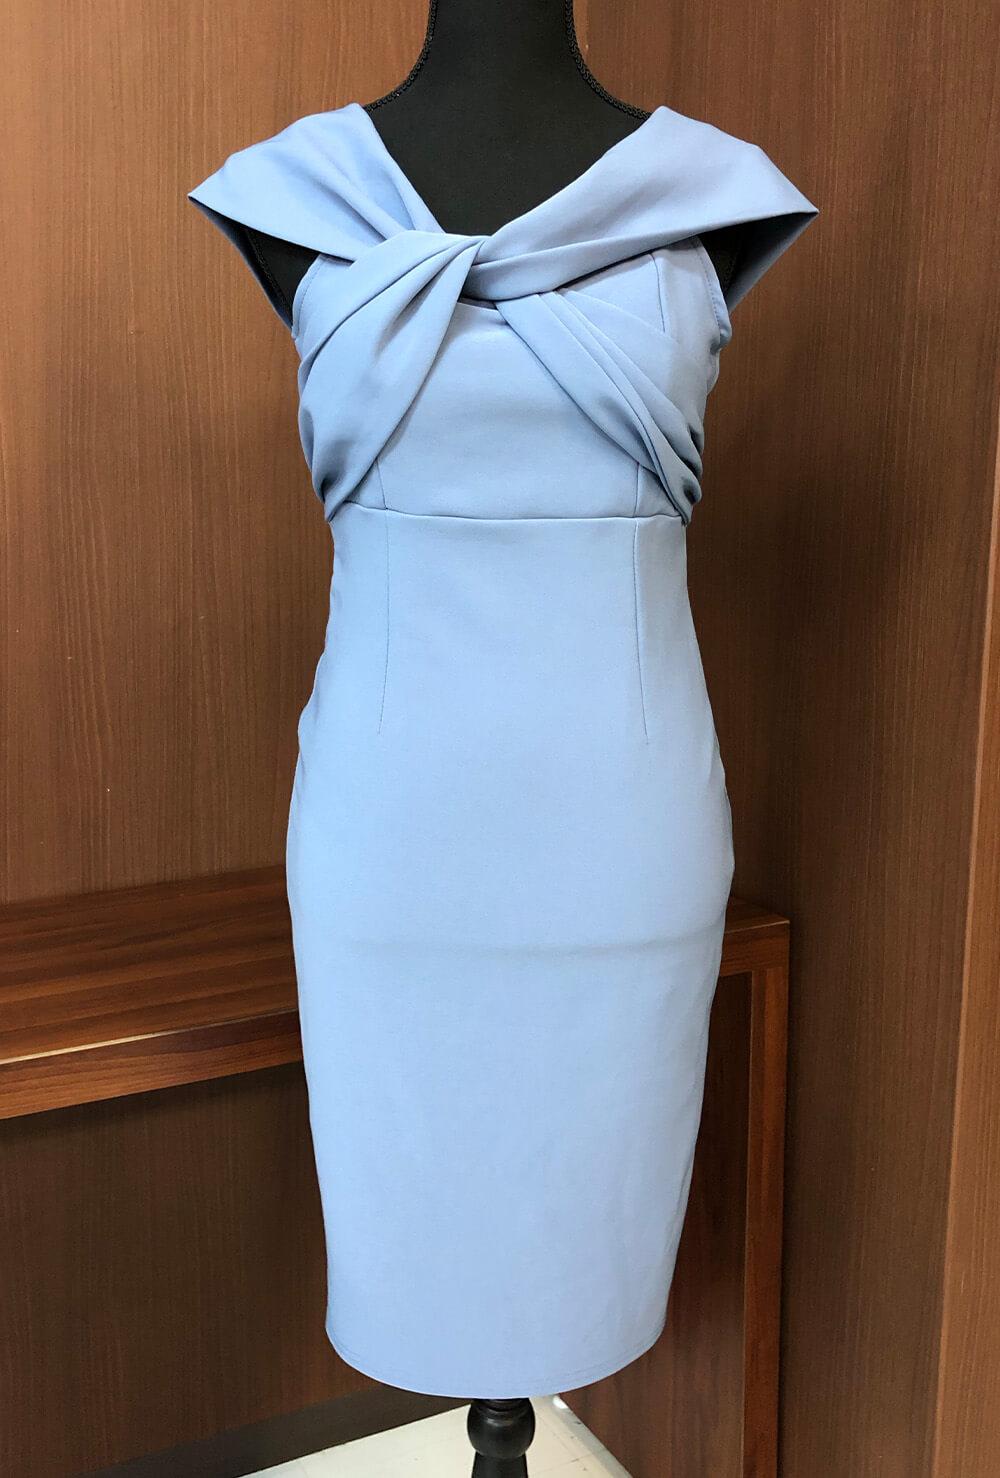 胸元でクロスするデザインがユニークなタイトドレス